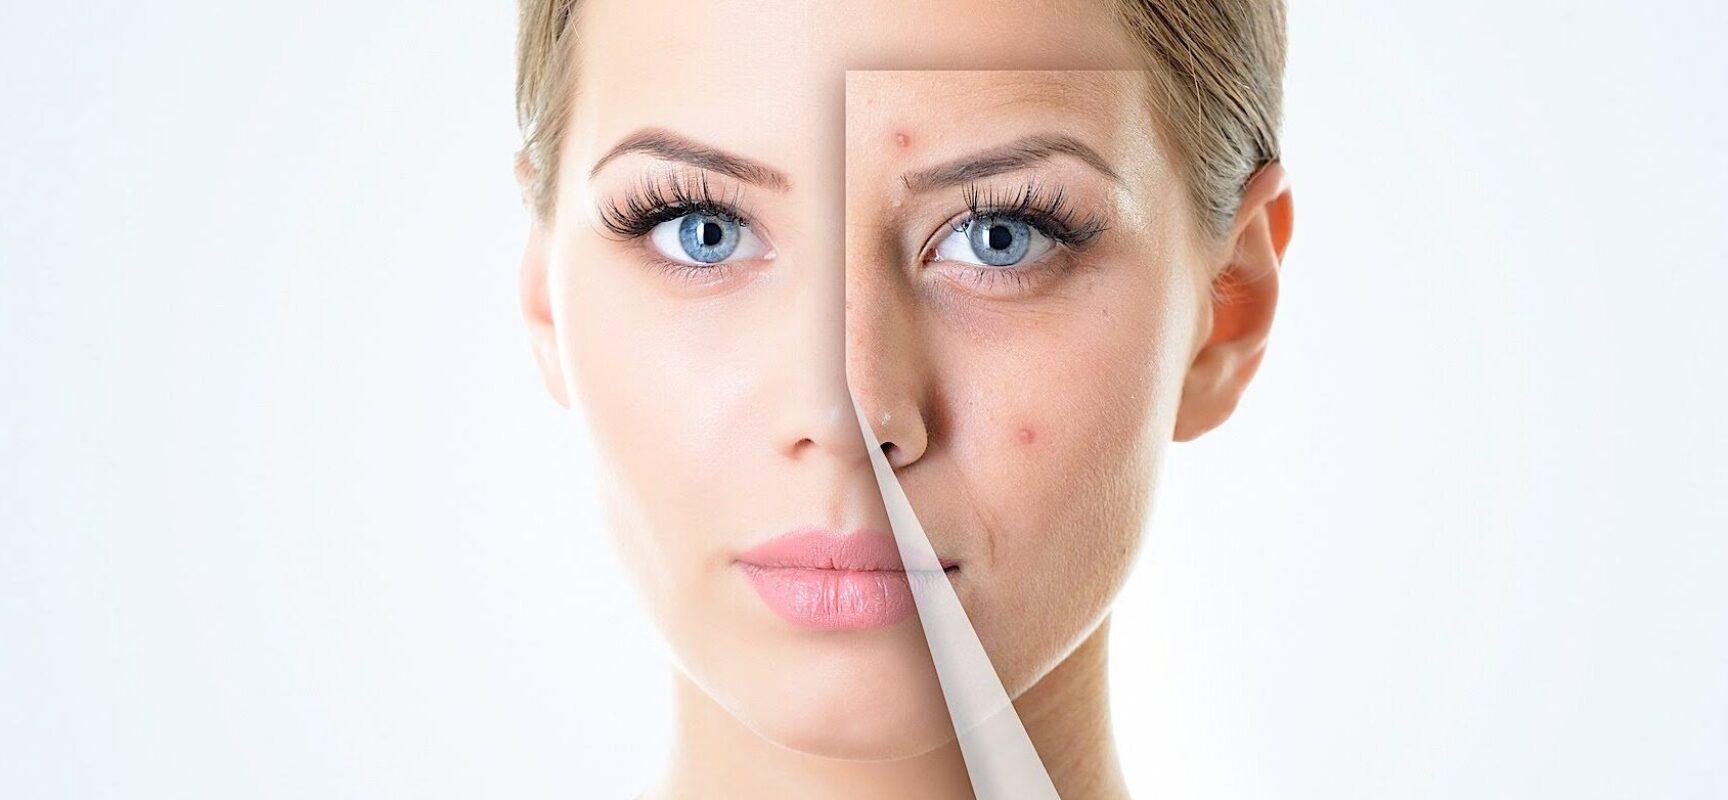 'De repente 30': cuidado redobrado com a pele. Especialista dá algumas dicas para manter a pele mais firme e saudável!